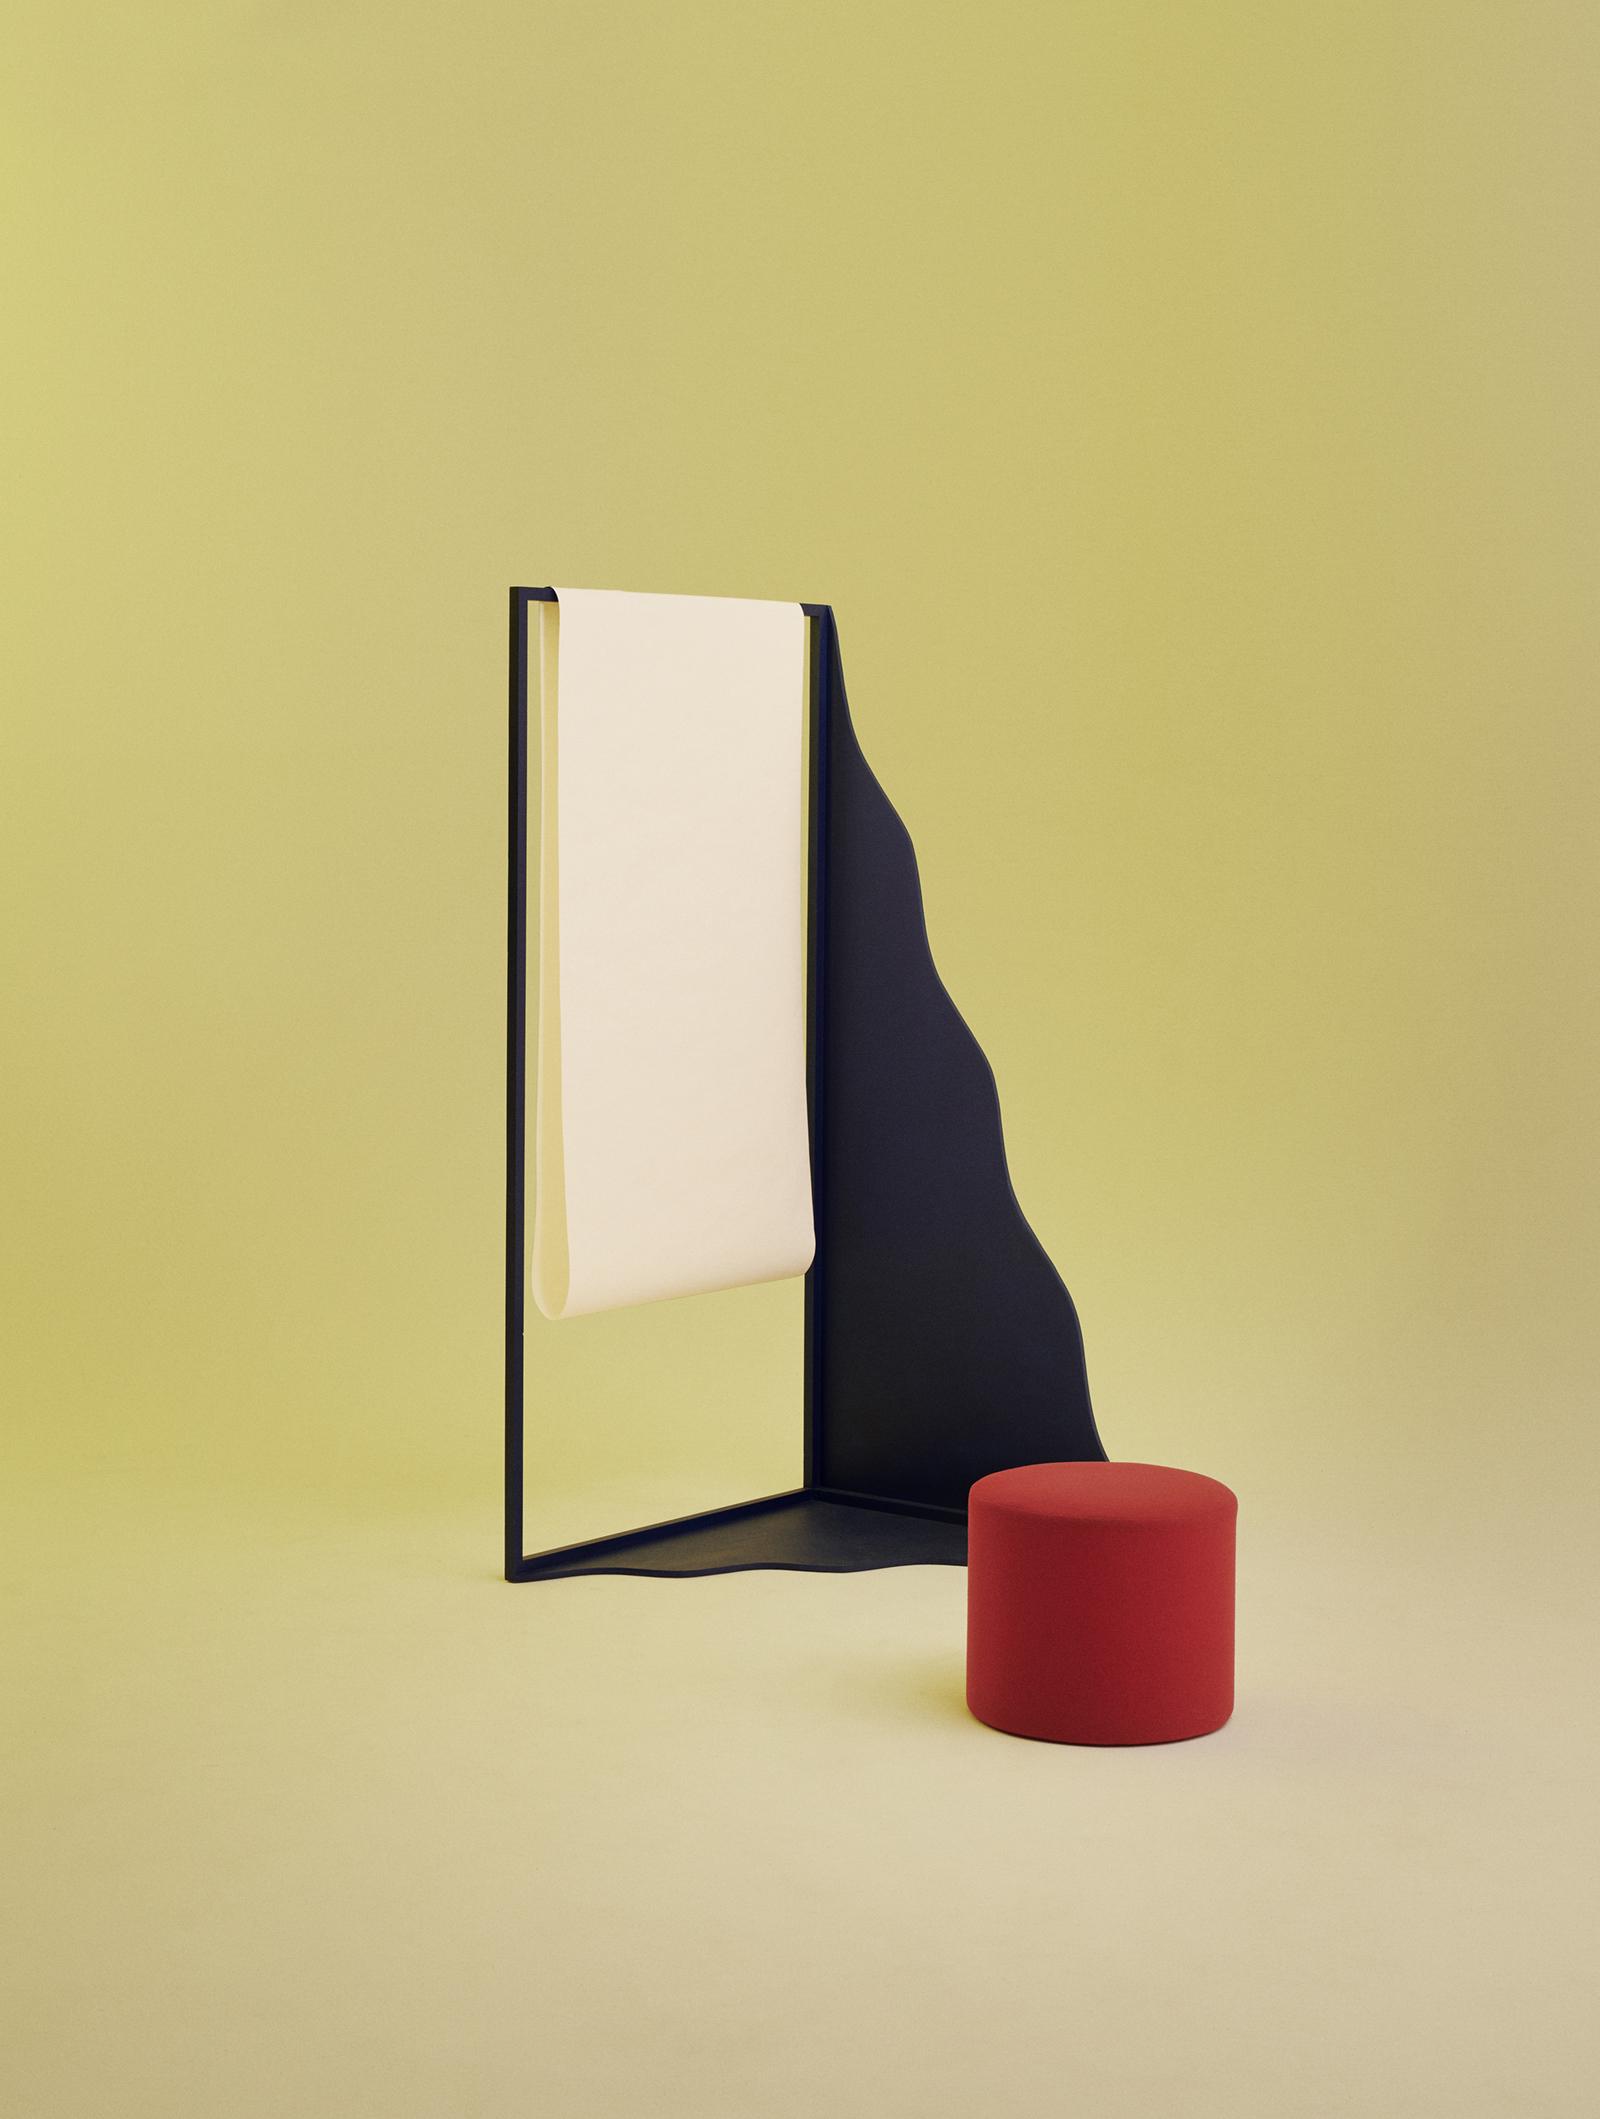 Présentoirs design pour le Musée danois de la Poste et de la Télécommunication, par Hvass Hannibal.